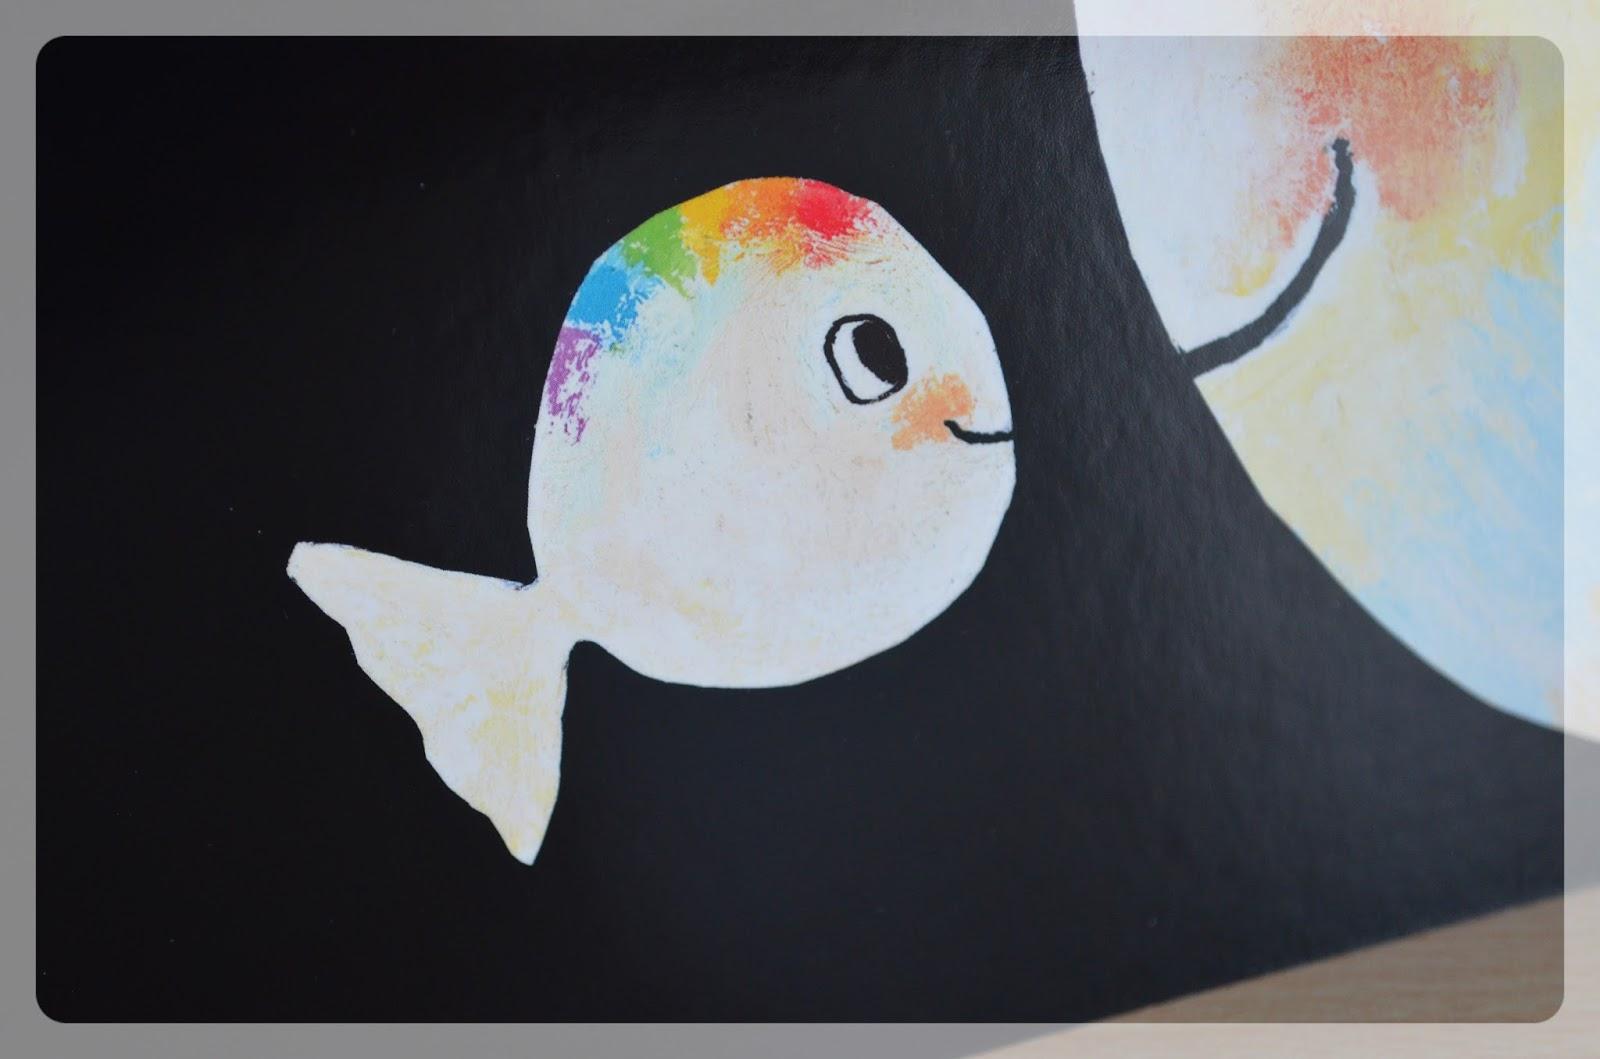 Mutter, Kater, Kind: Kinderbuch: Kleiner weißer Fisch ...